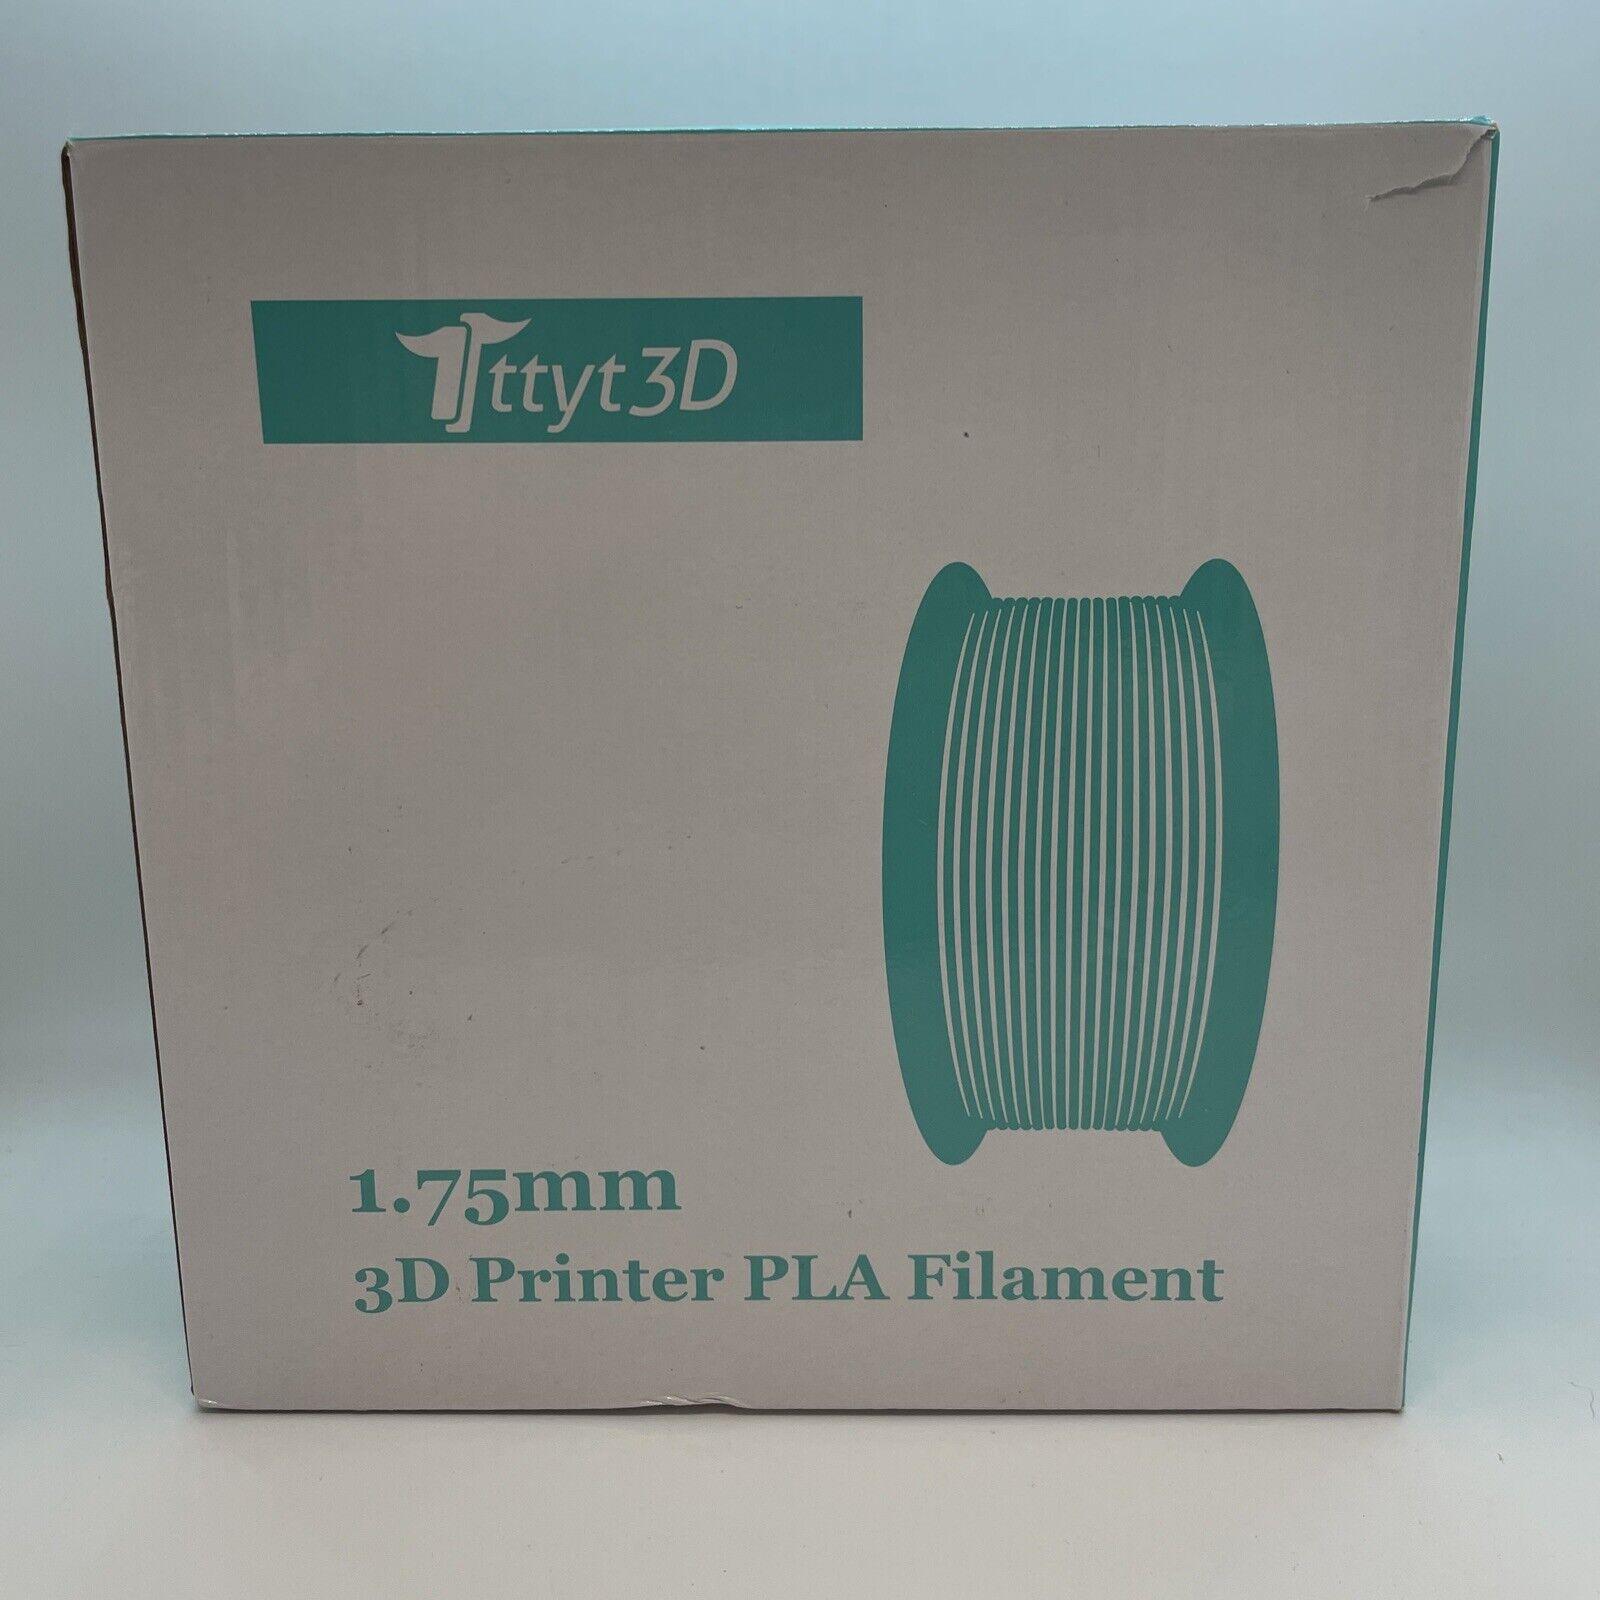 1.75 3D Printer PLA Filament